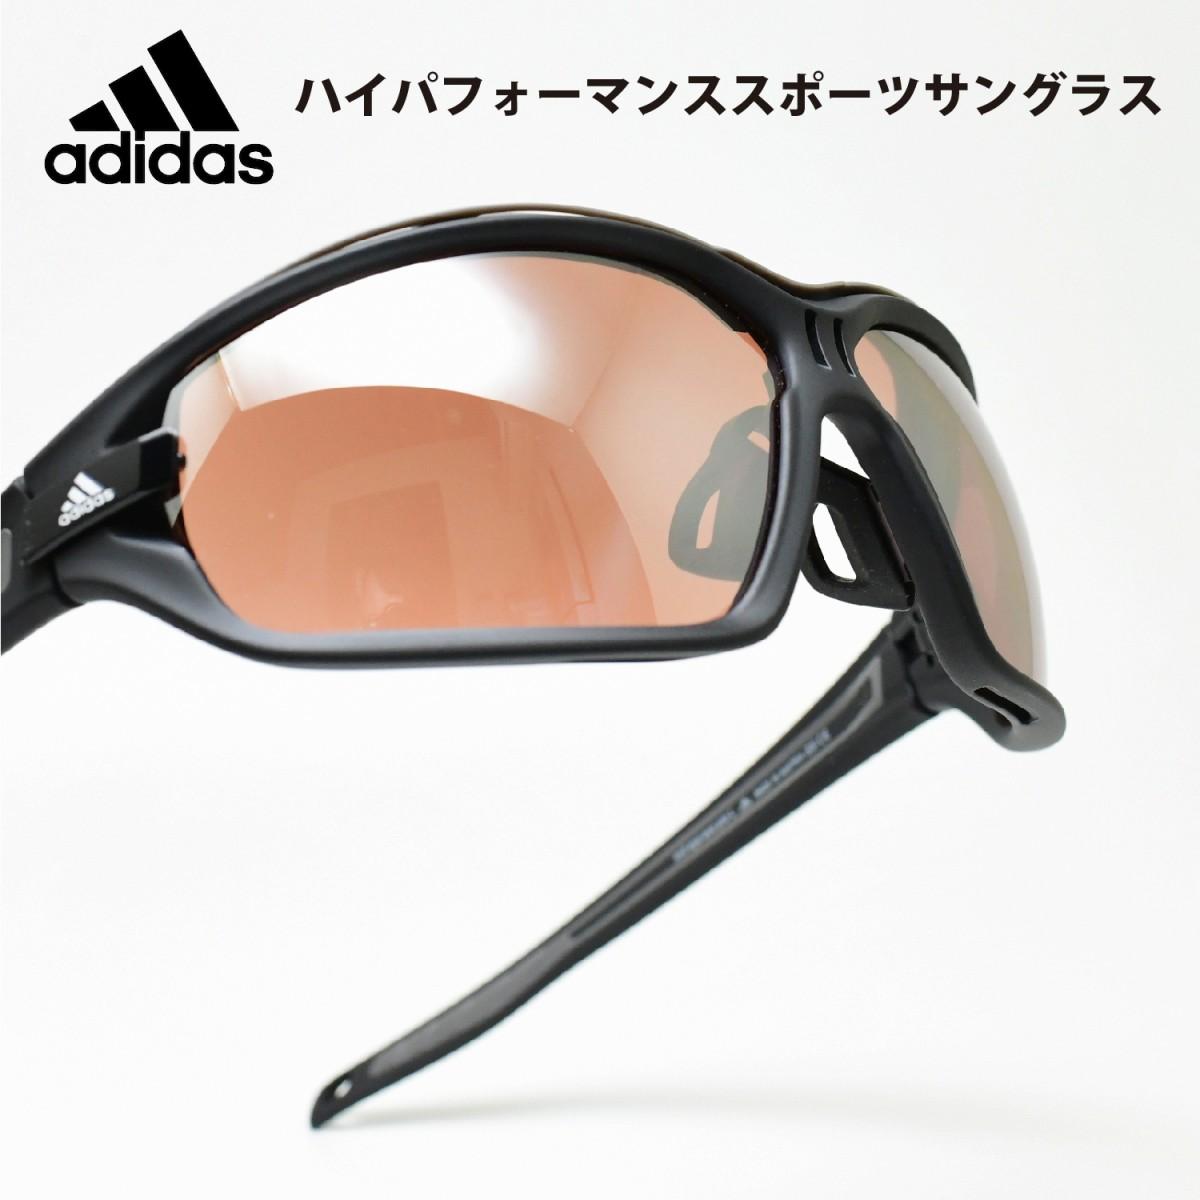 adidas アディダスevileye evo pro L イービルアイ エボ プロ Lマットブラック/LSTアクティブSHアウトレットSALE価格!!